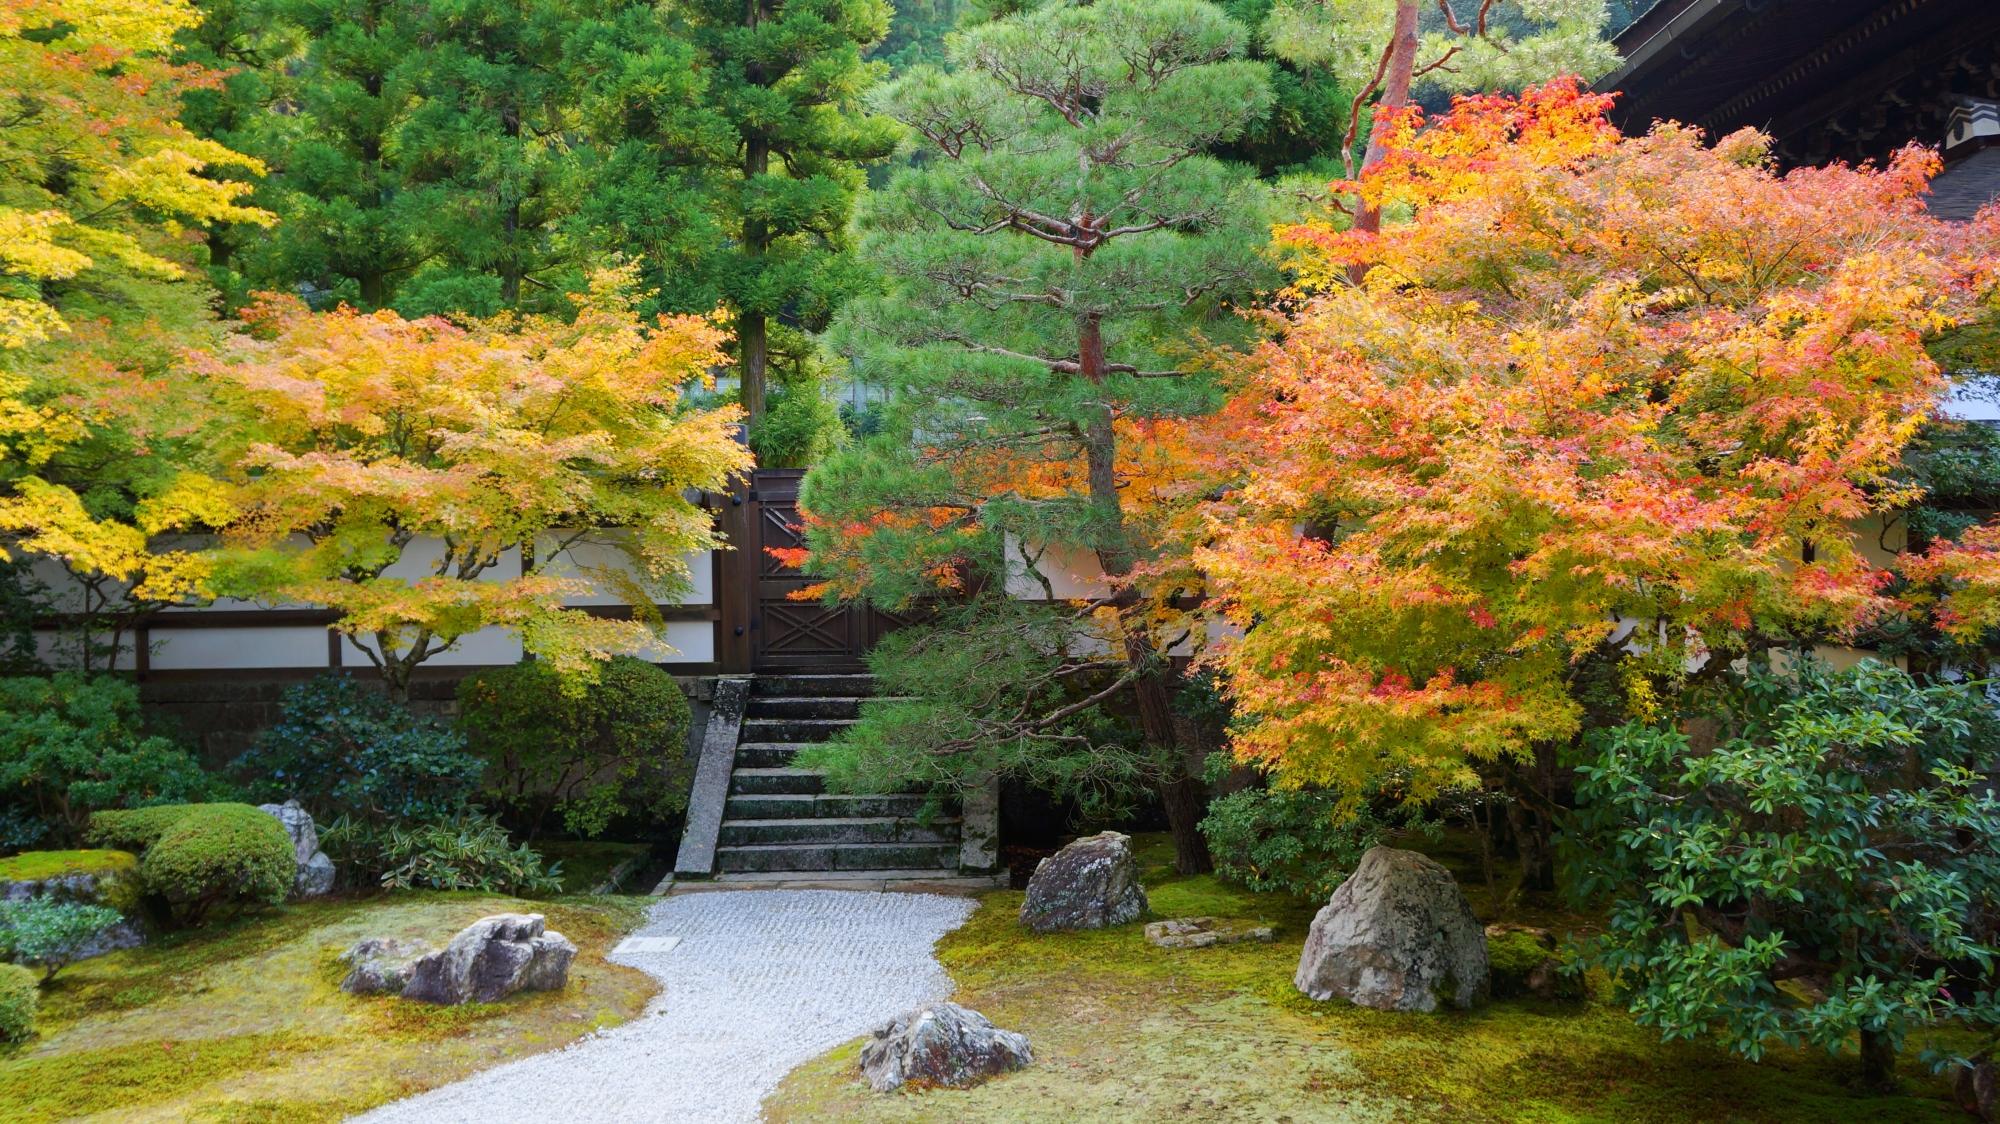 泉涌寺の御座所の庭(ござしょのにわ)